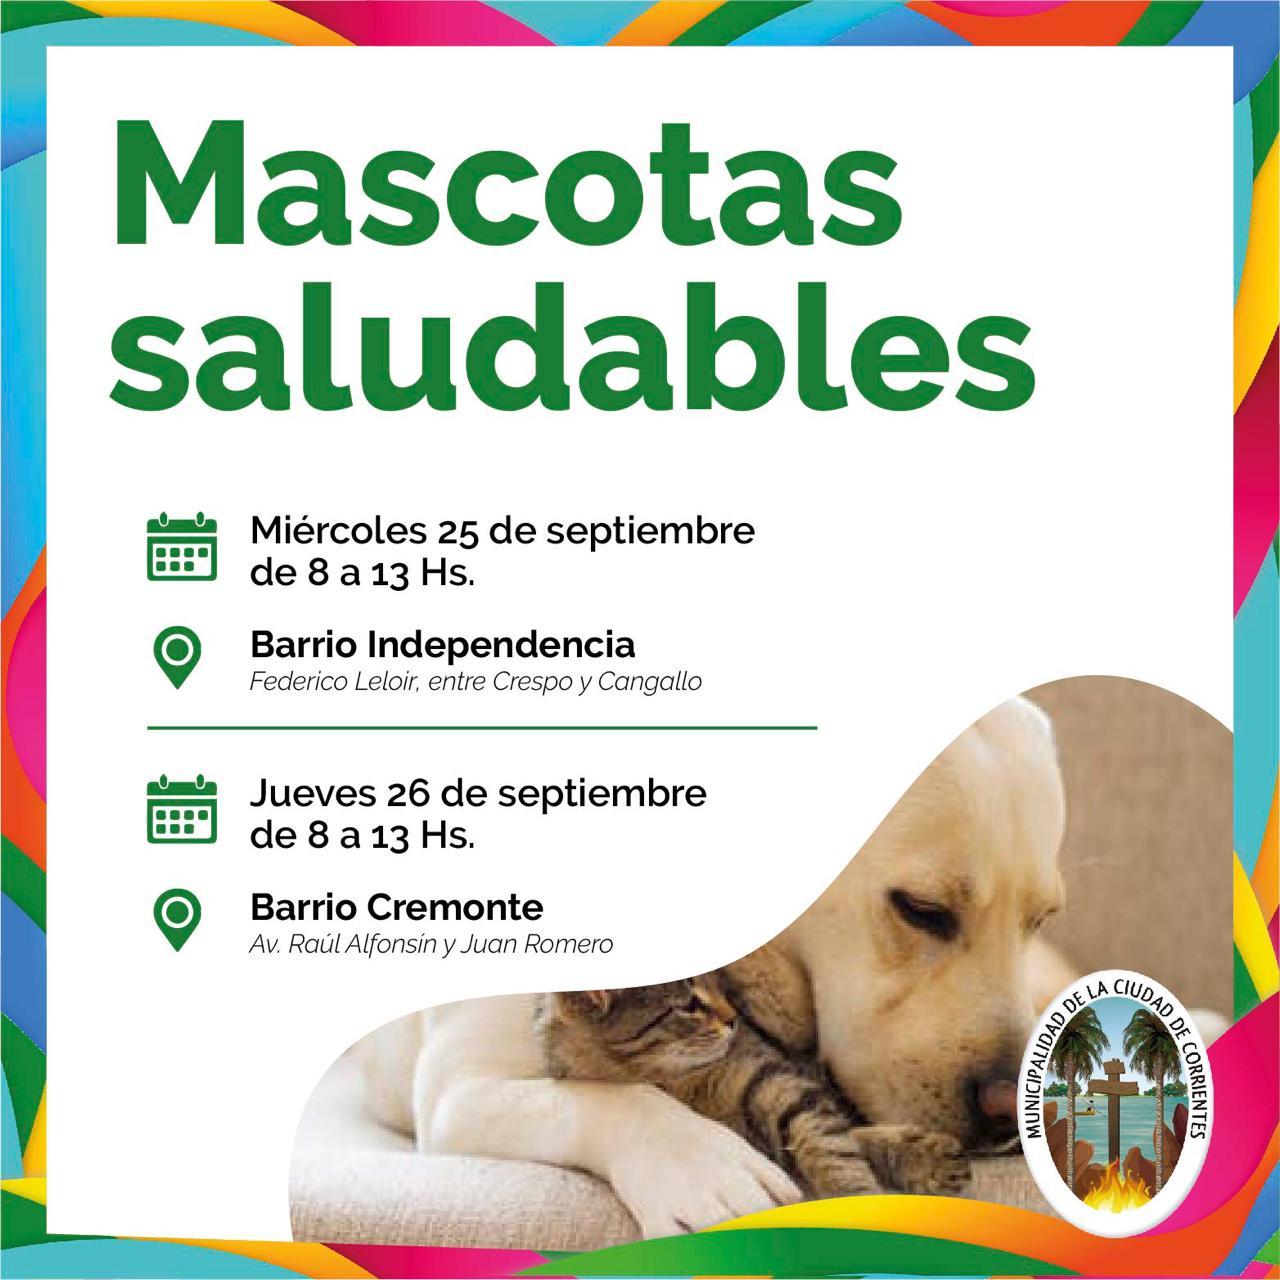 Mascotas Saludables llega a los barrios Independencia, Cremonte y Bañado Norte